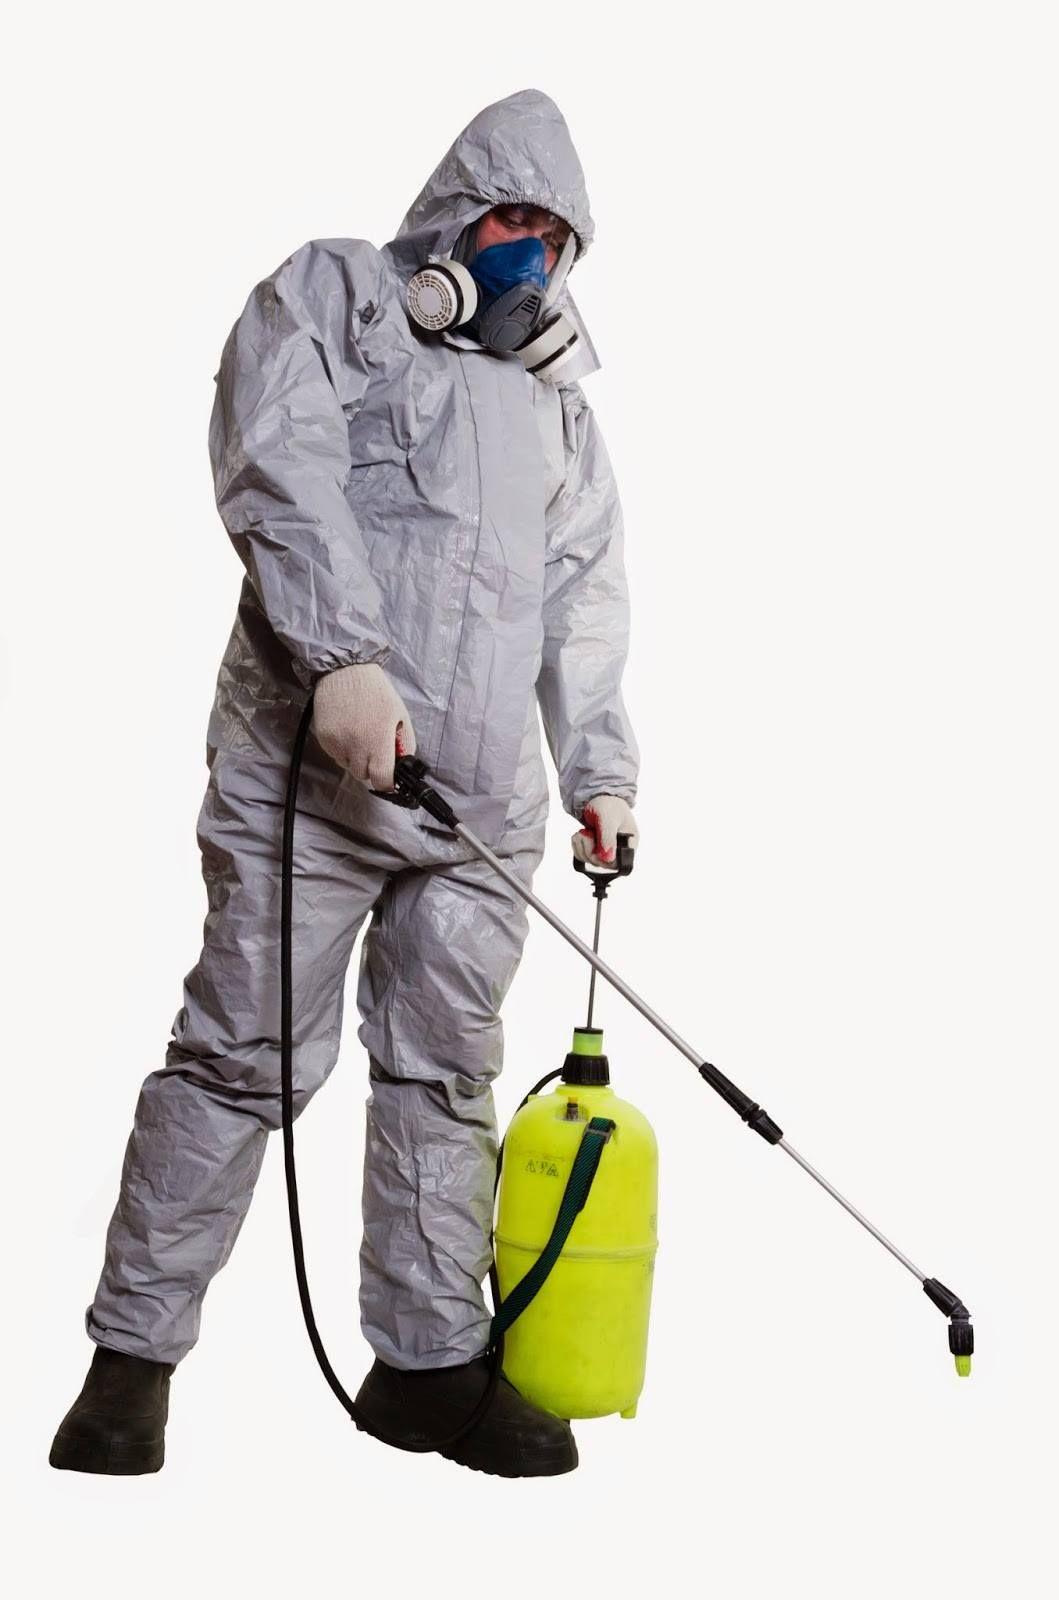 شركة مكافحة حشرات بالمدينة المنورة 0534544488 مكافحة ورش